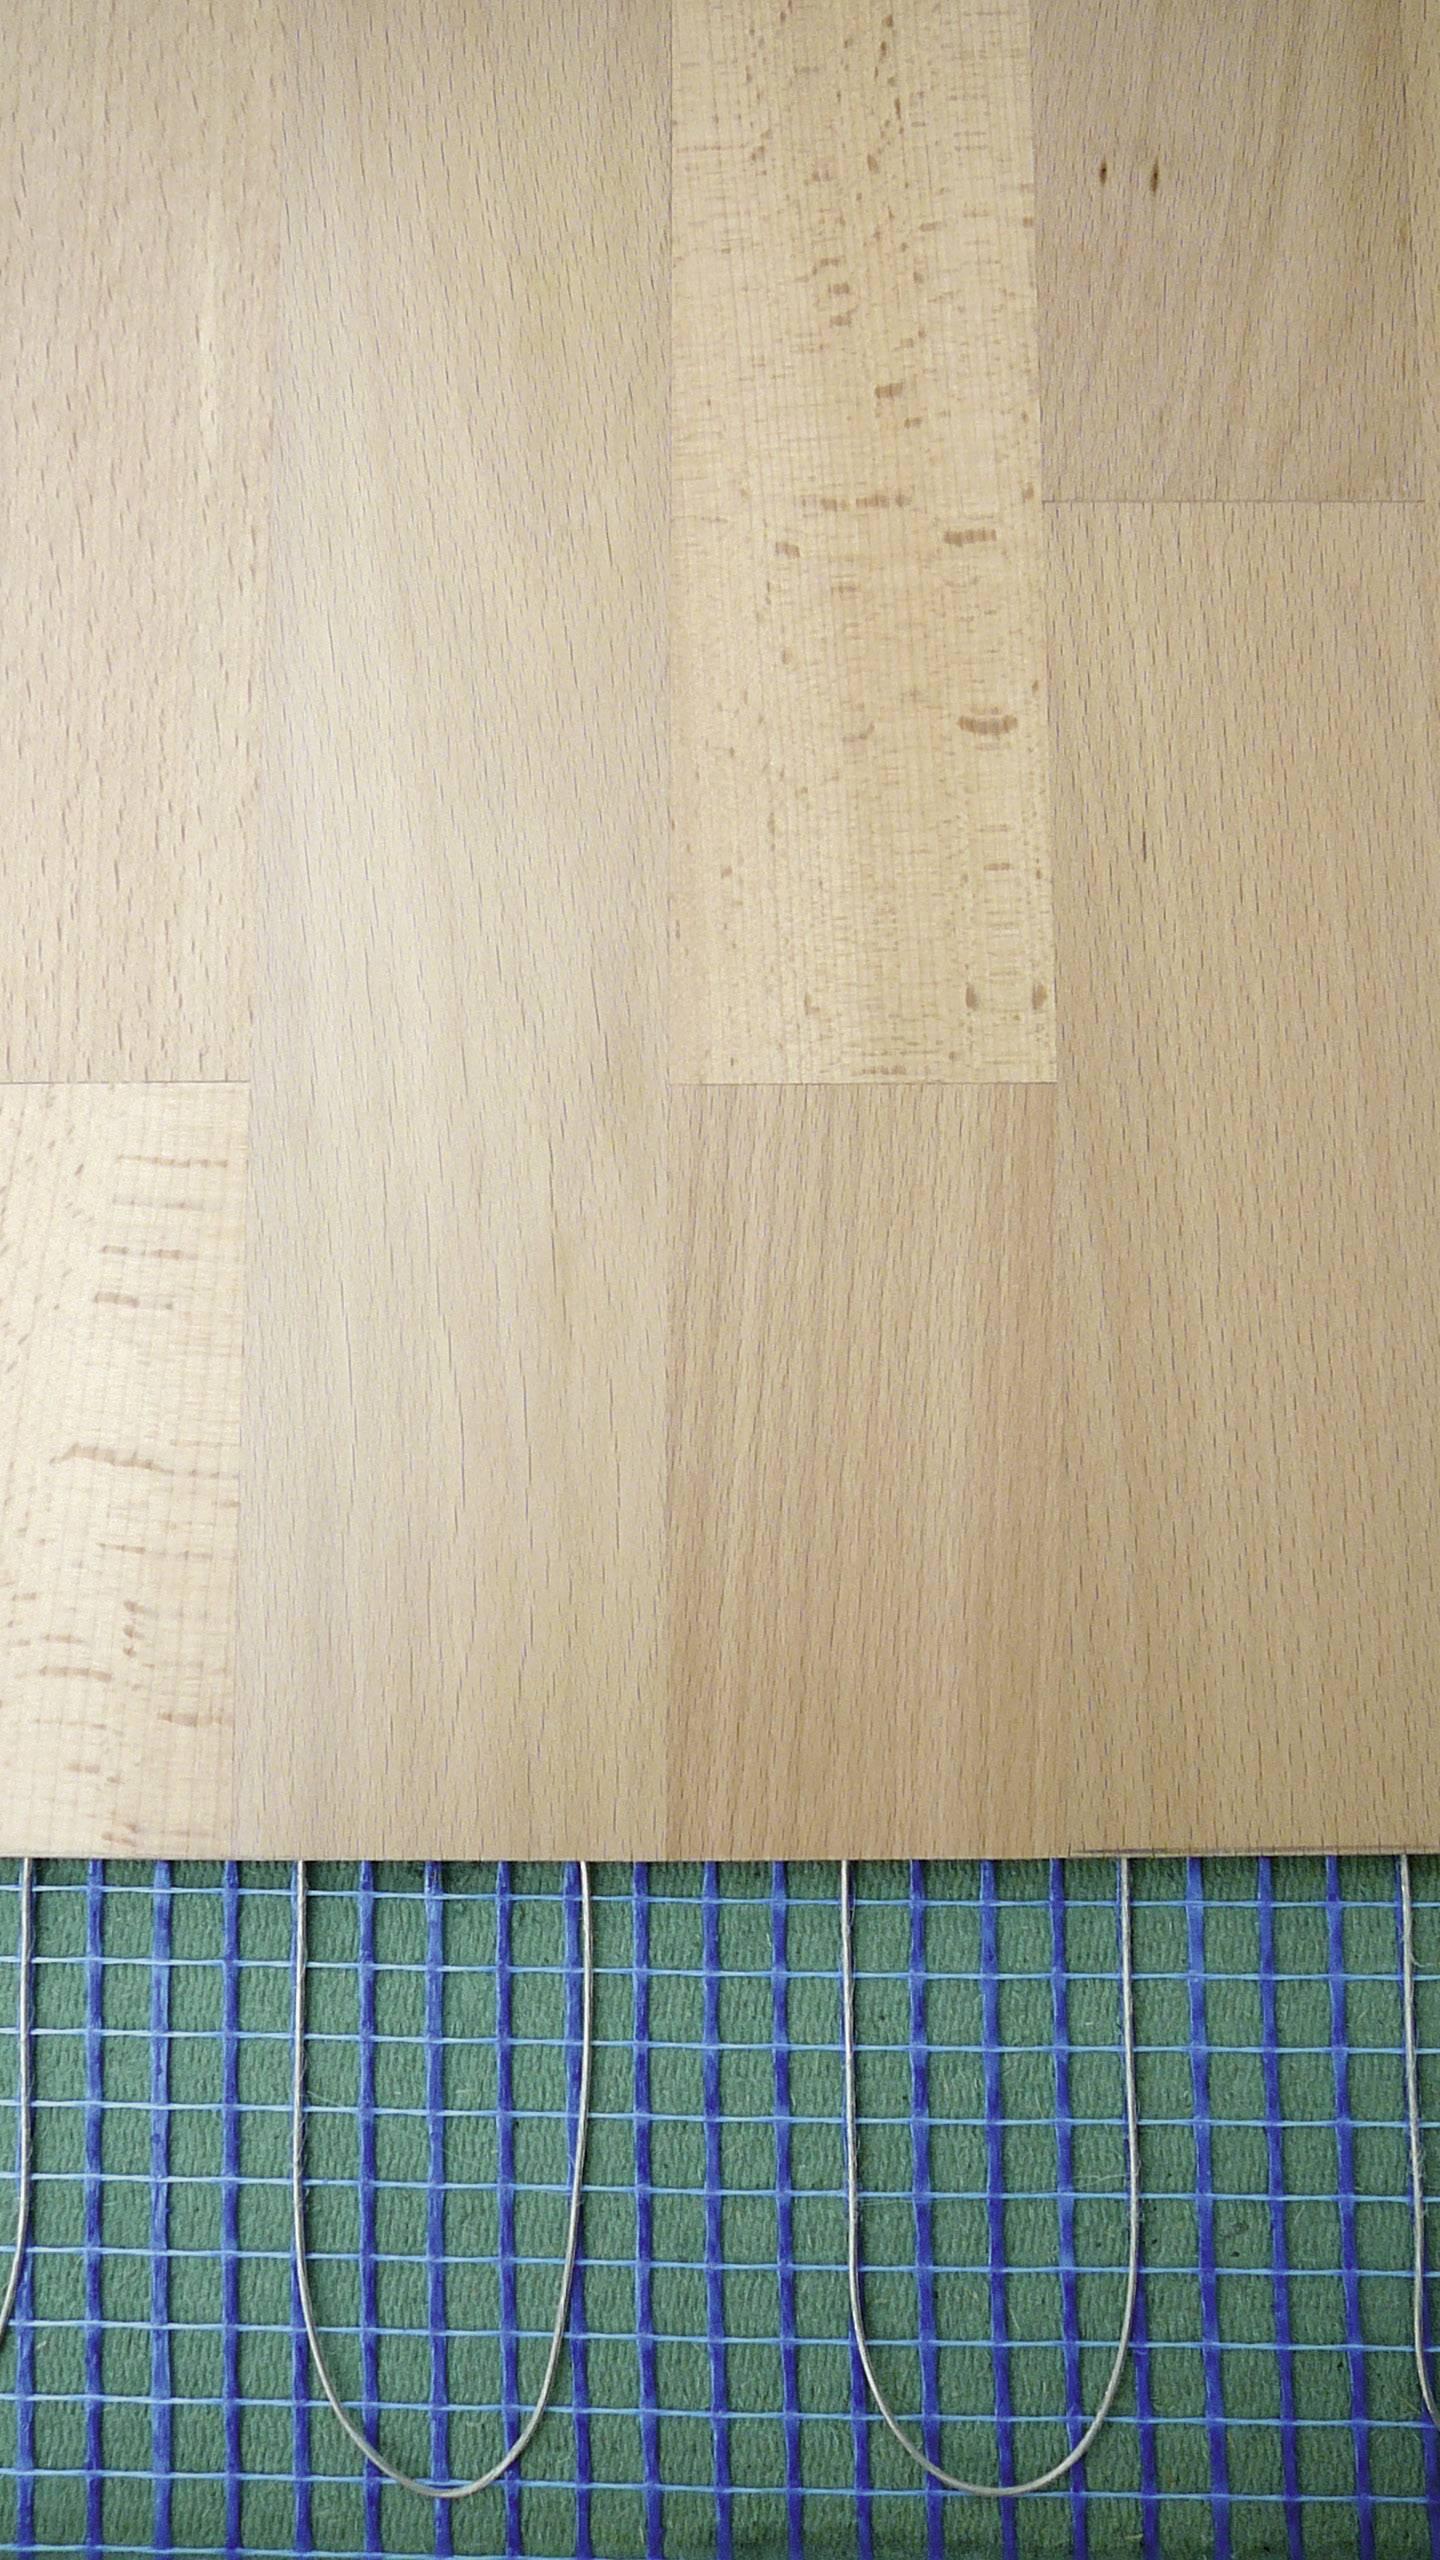 Vykurovanie laminátových podláh, 8 m2, 1280 W